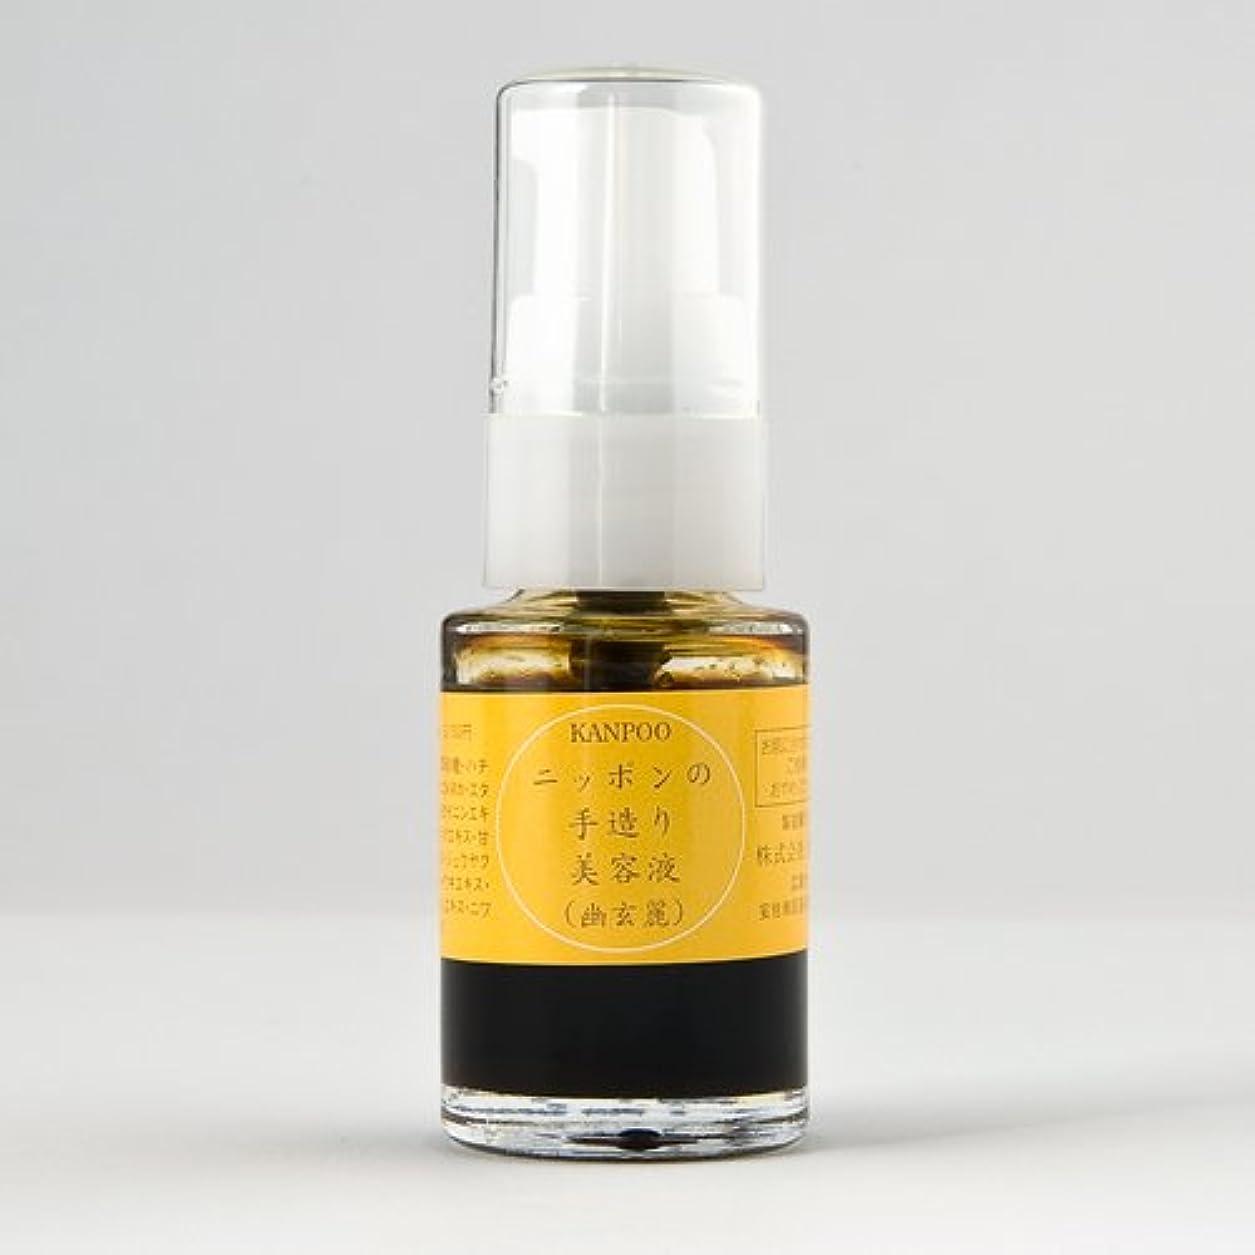 内向き虫船尾漢萌(KANPOO) 幽玄麗(活肌美容液) 10ml